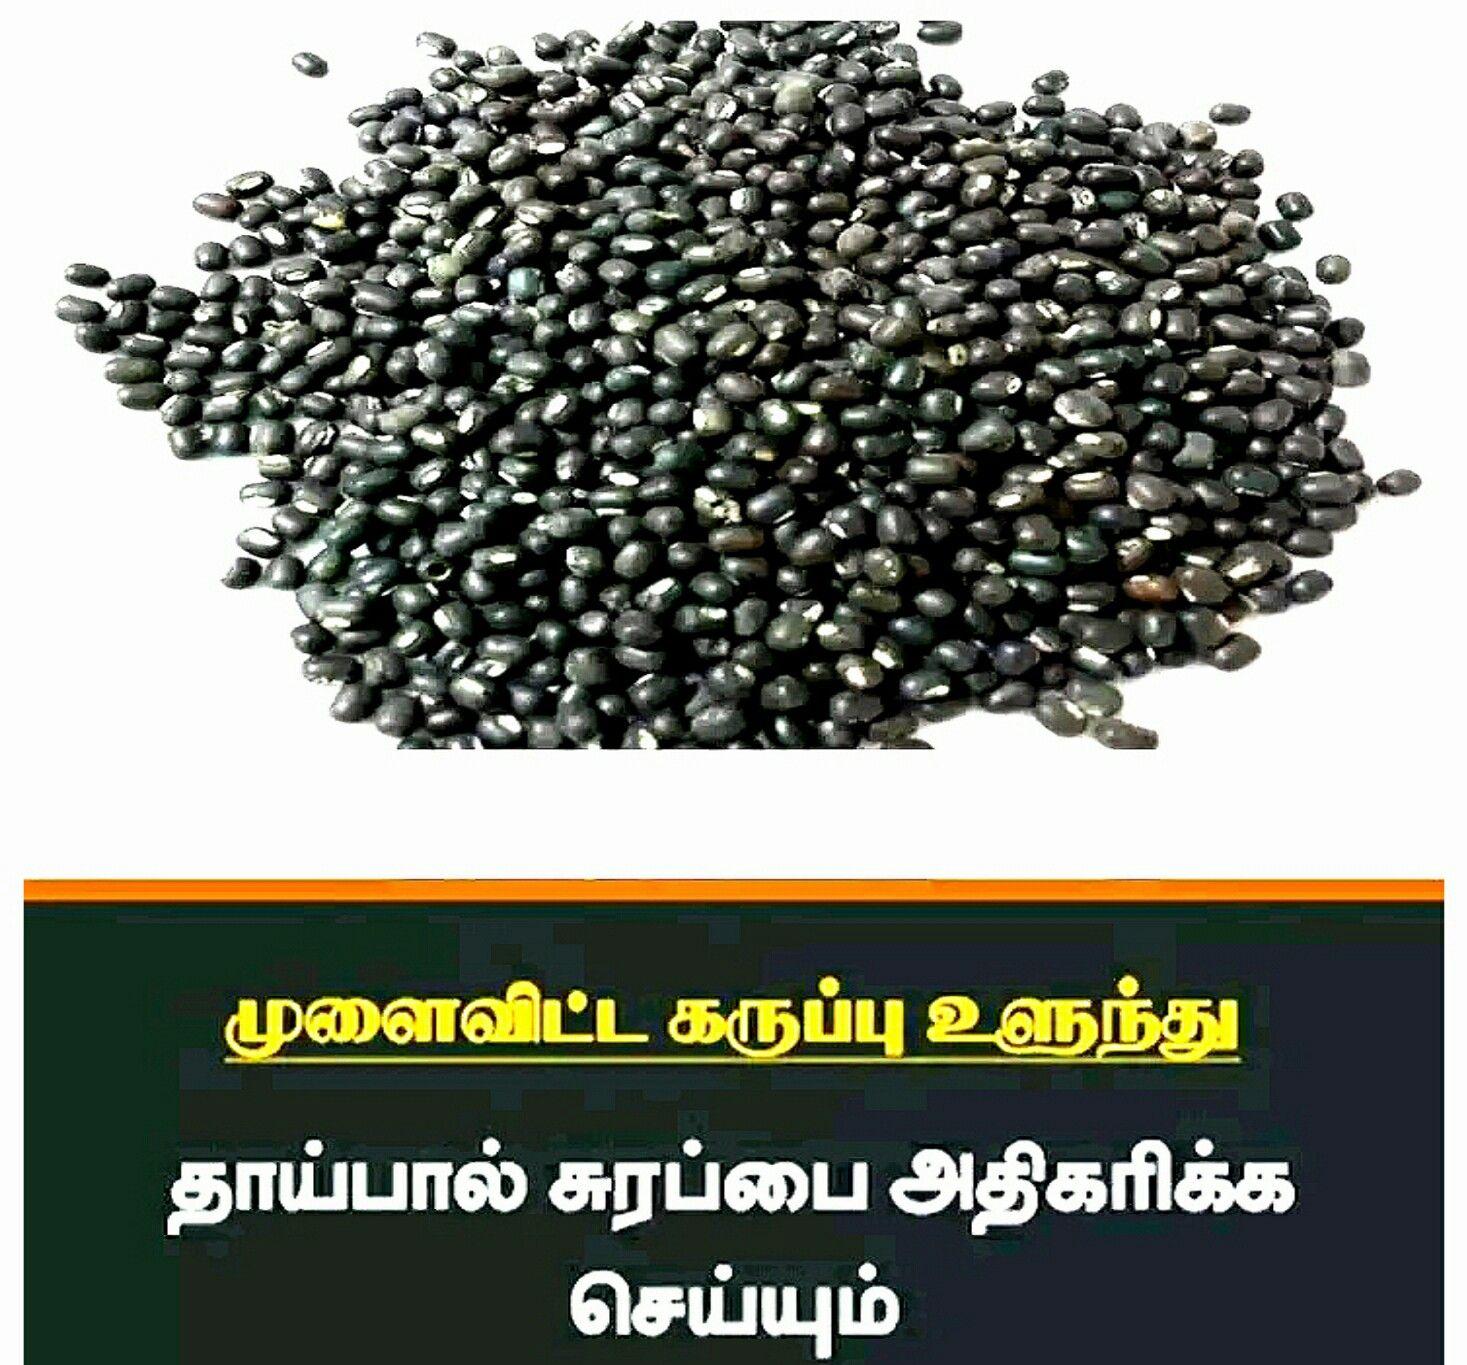 Pin by Vasu, Chittoor on Tamil, Vasu, Chittoor Healthy